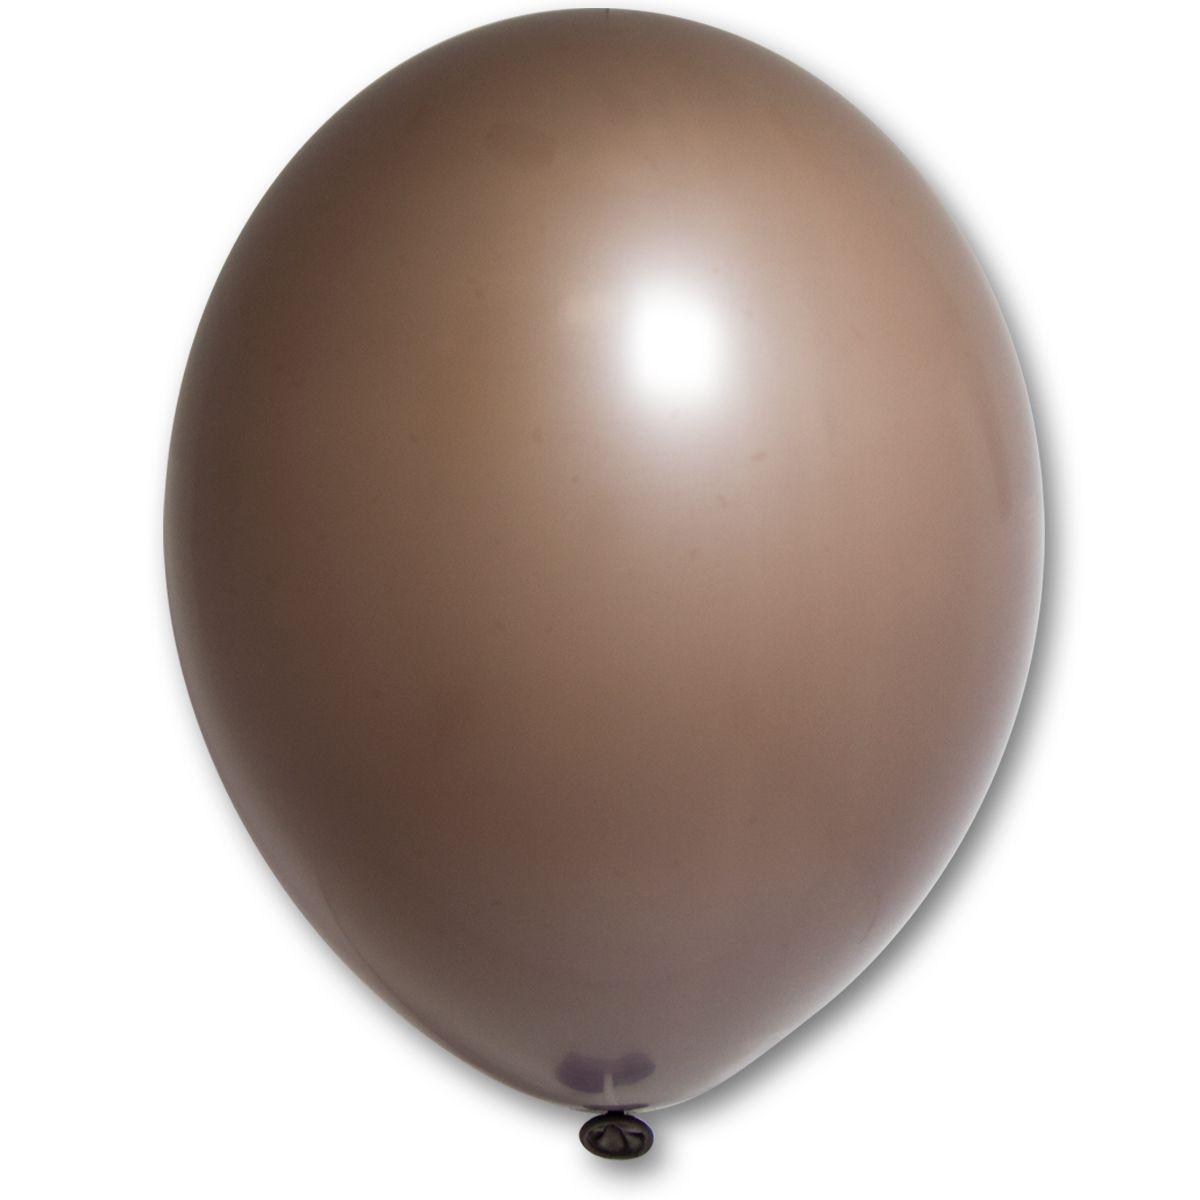 """Кулька 12""""/30 какао коричневий 149 латекс пастель ТМ """"Belbal"""" однотонний шт."""